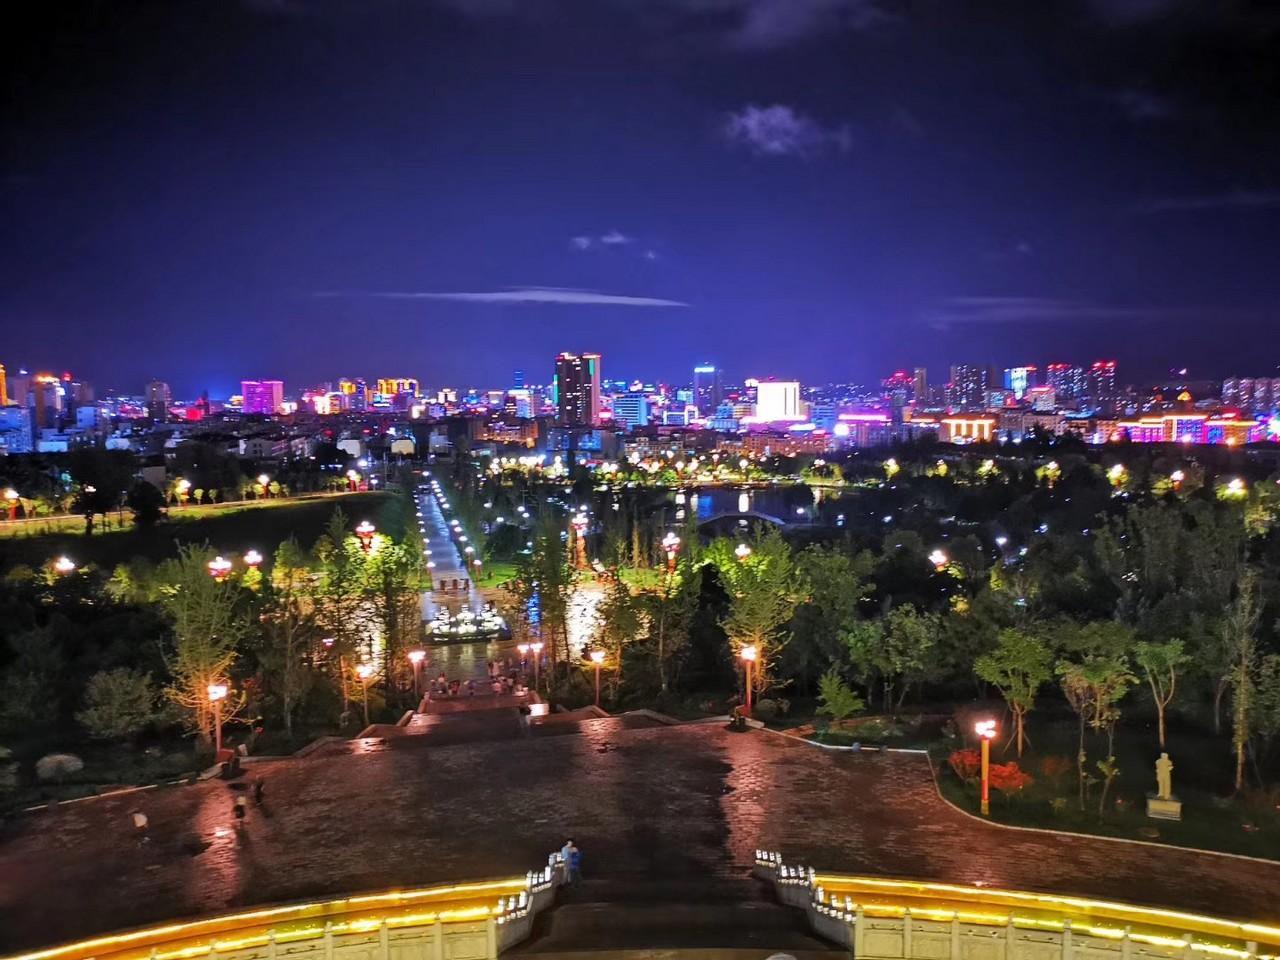 2019火把节-彝族十月太阳历文化园之夜